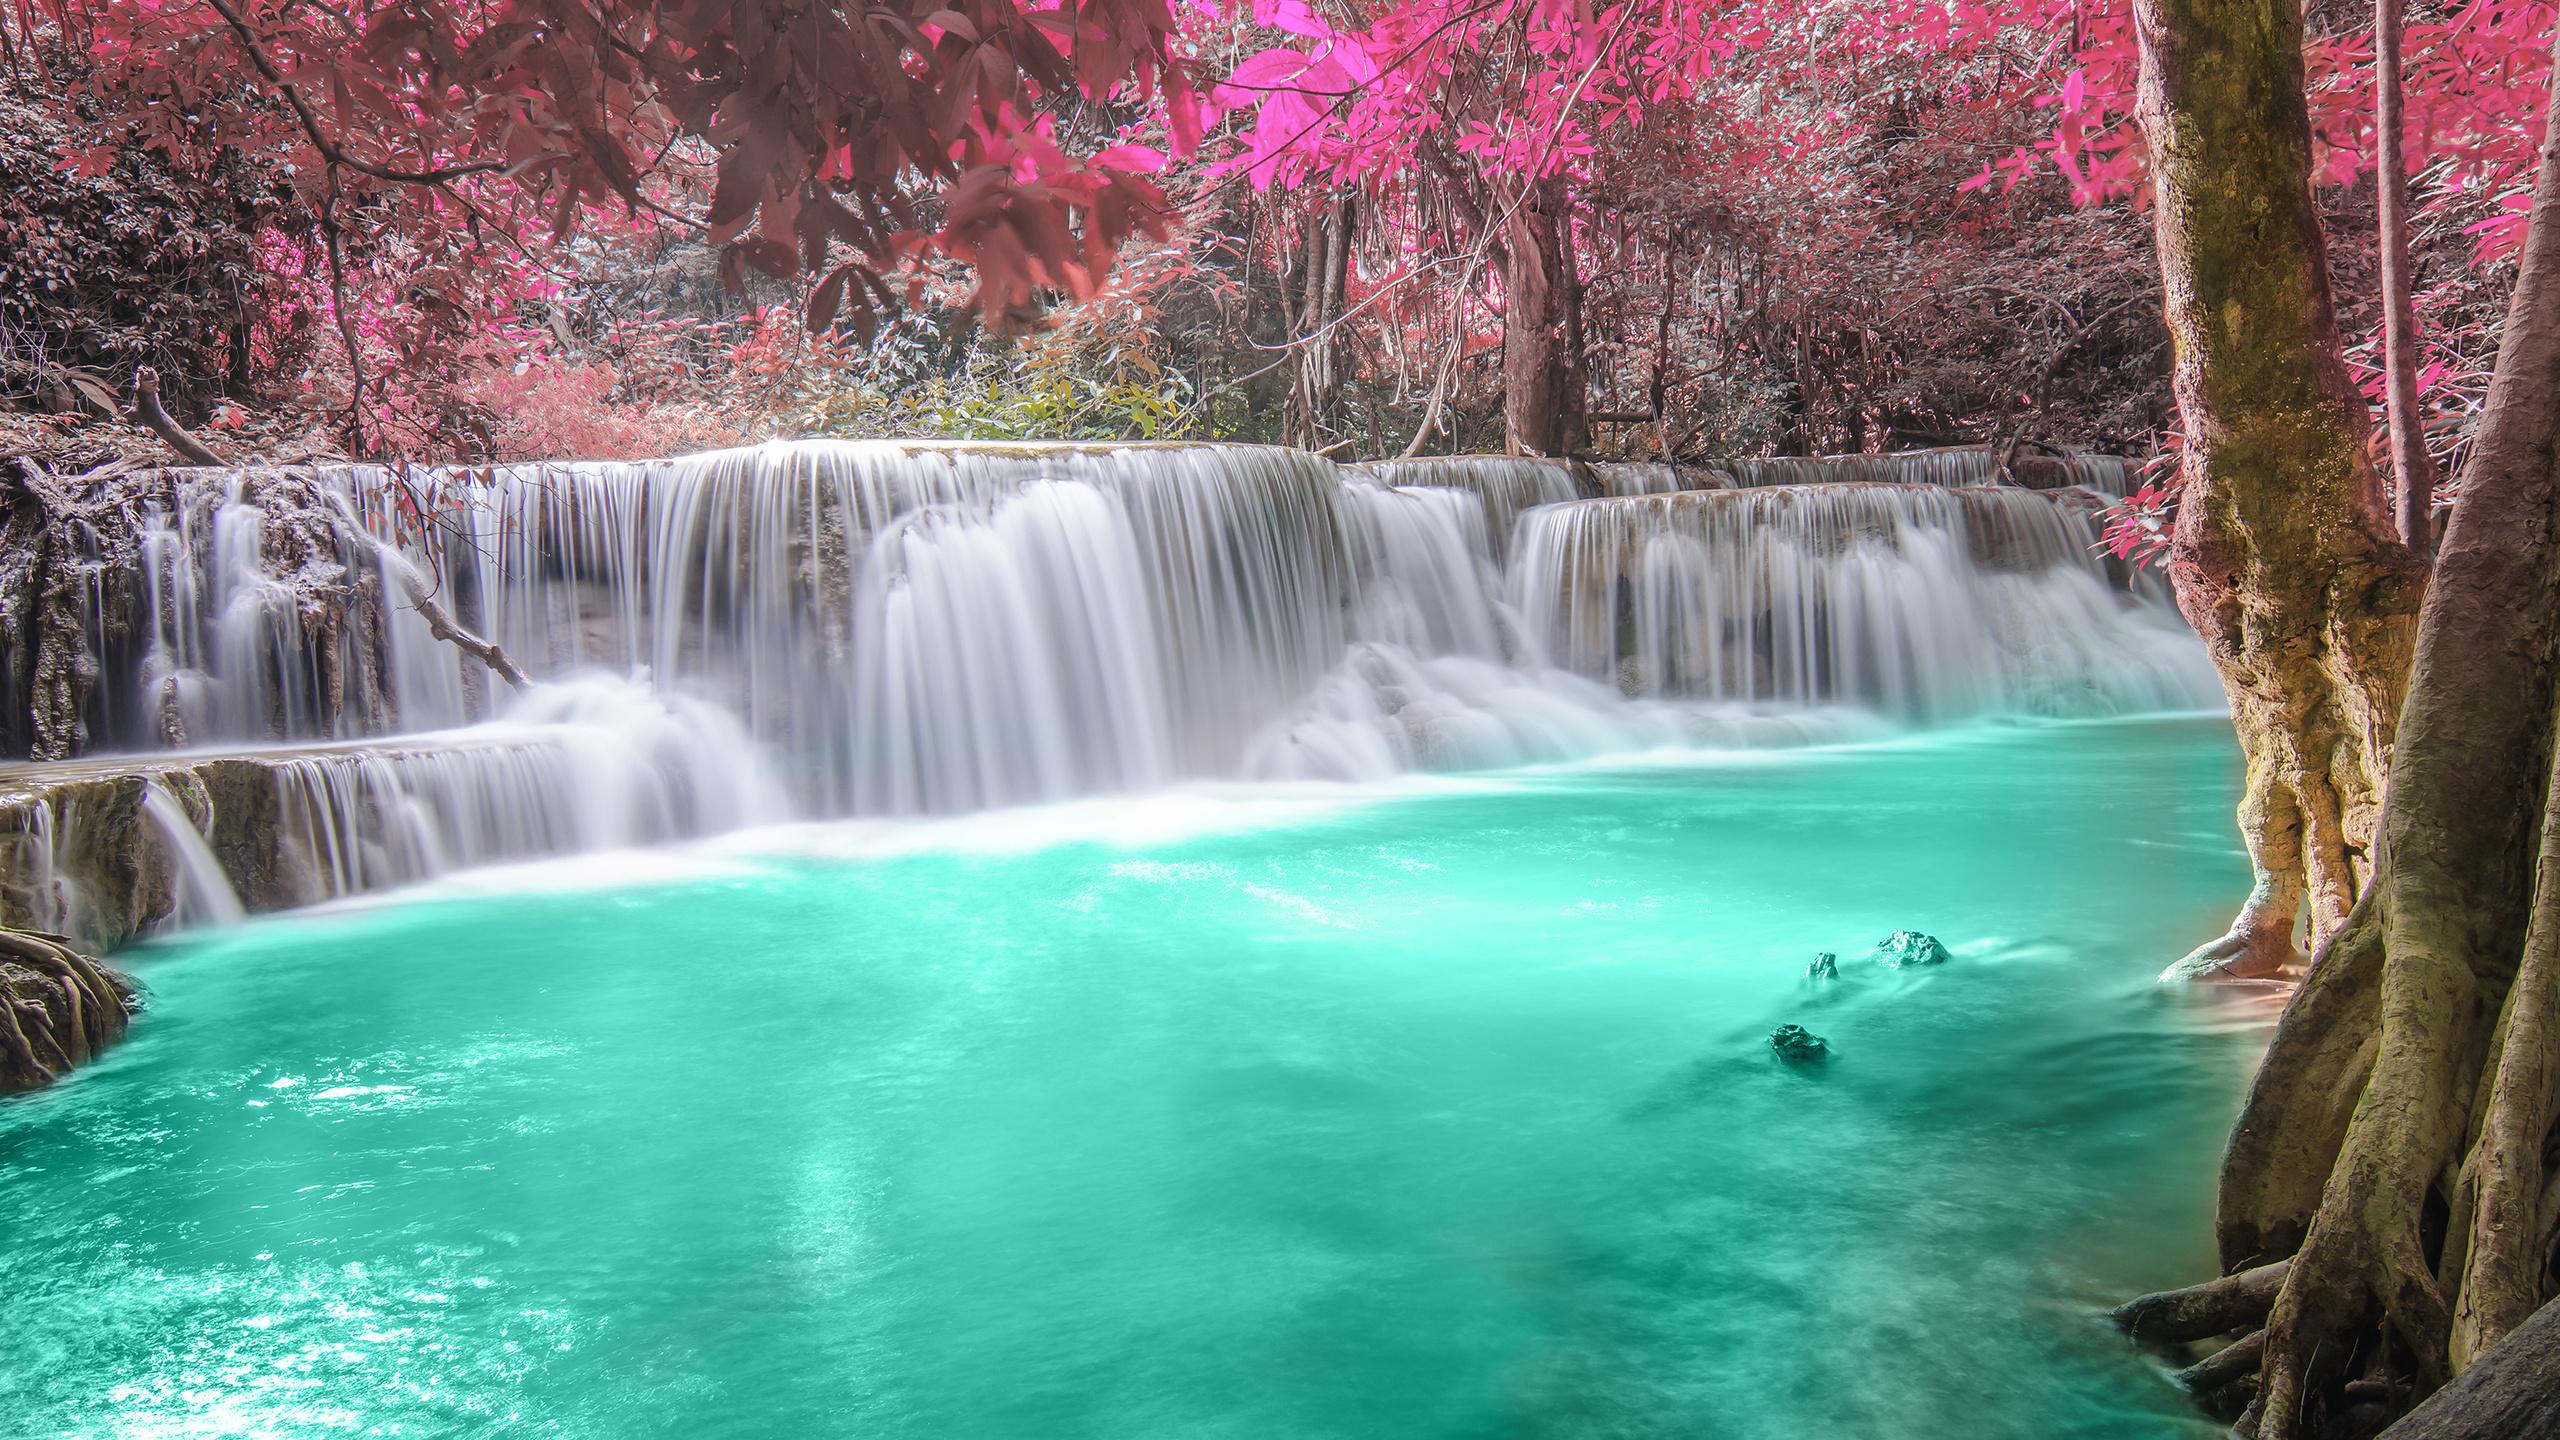 подано очень красивые картинки водопад сети